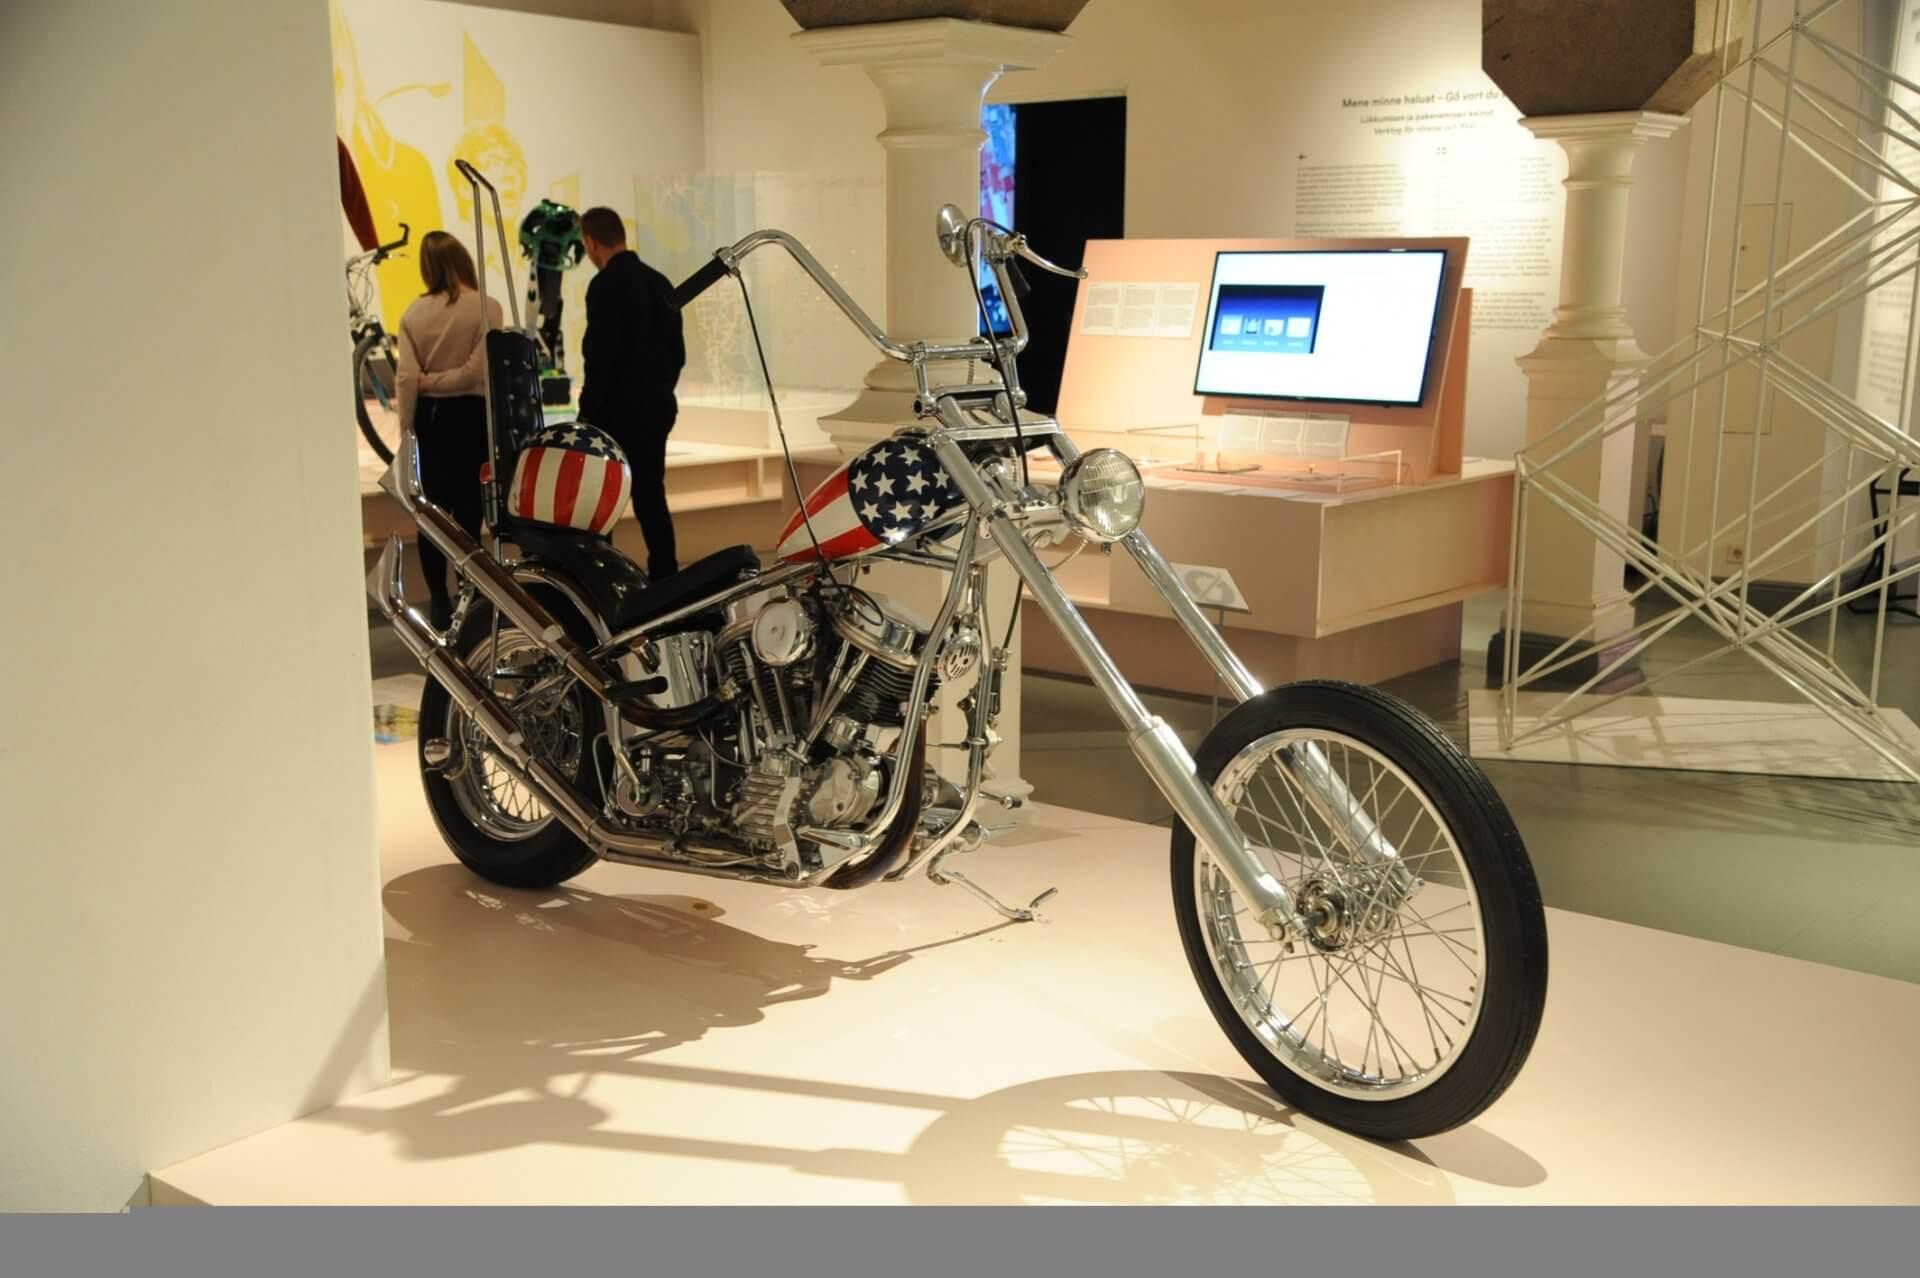 デザイン博物館2階の企画展。アメリカンバイクが展示されていた